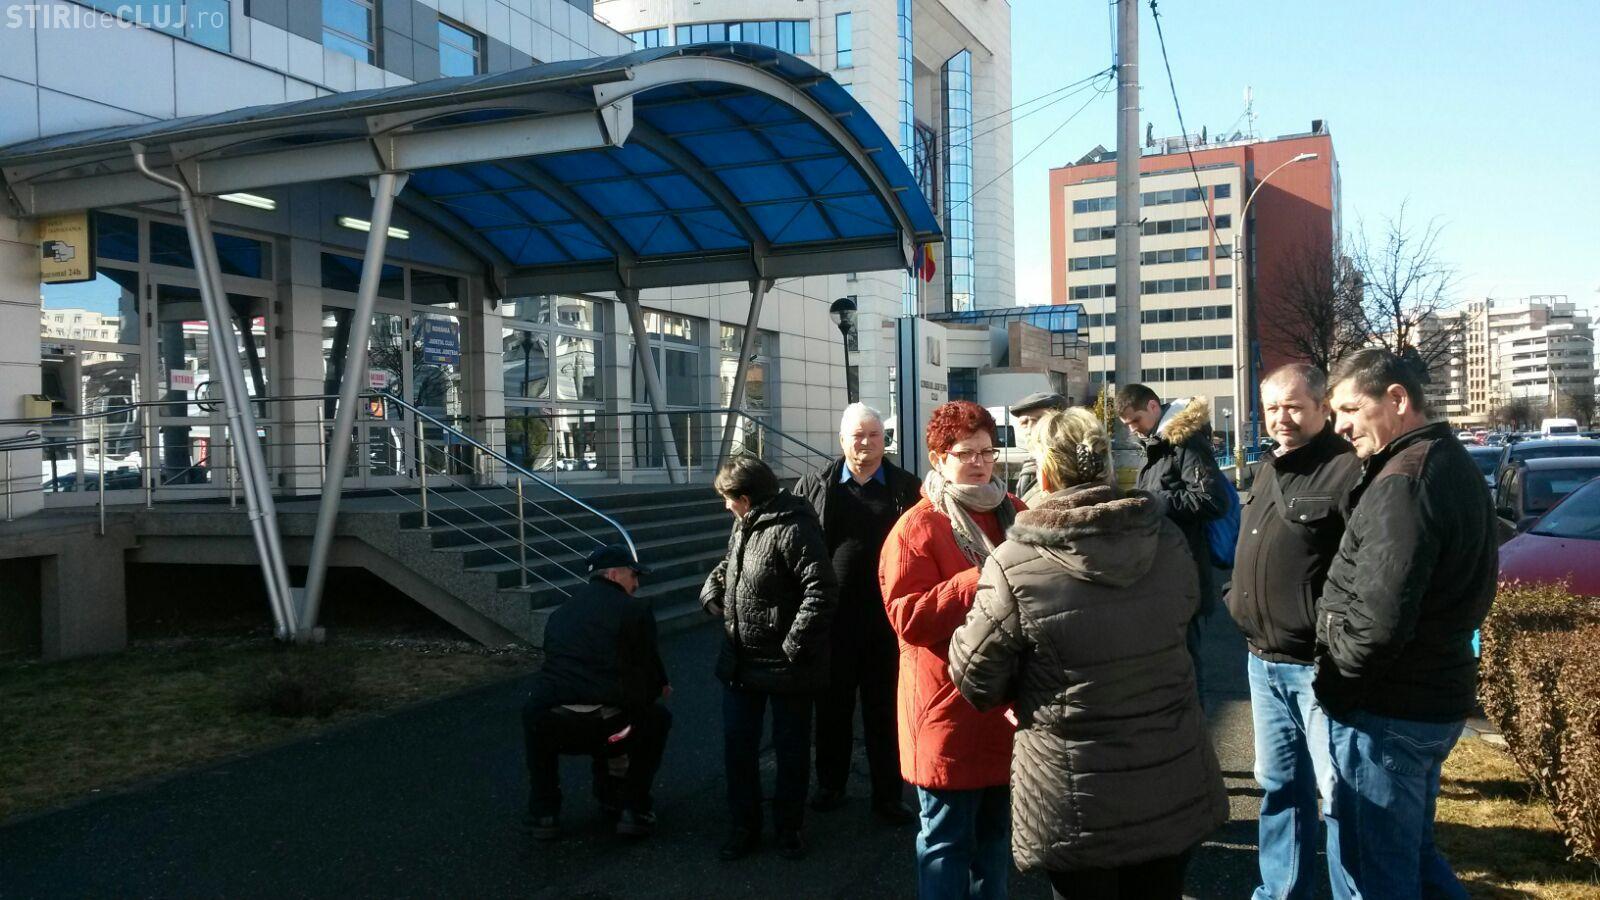 Angajații de la Paza și Protecție Cluj protestează la Consiliul Județean. Firma ar intra în insolvență FOTO